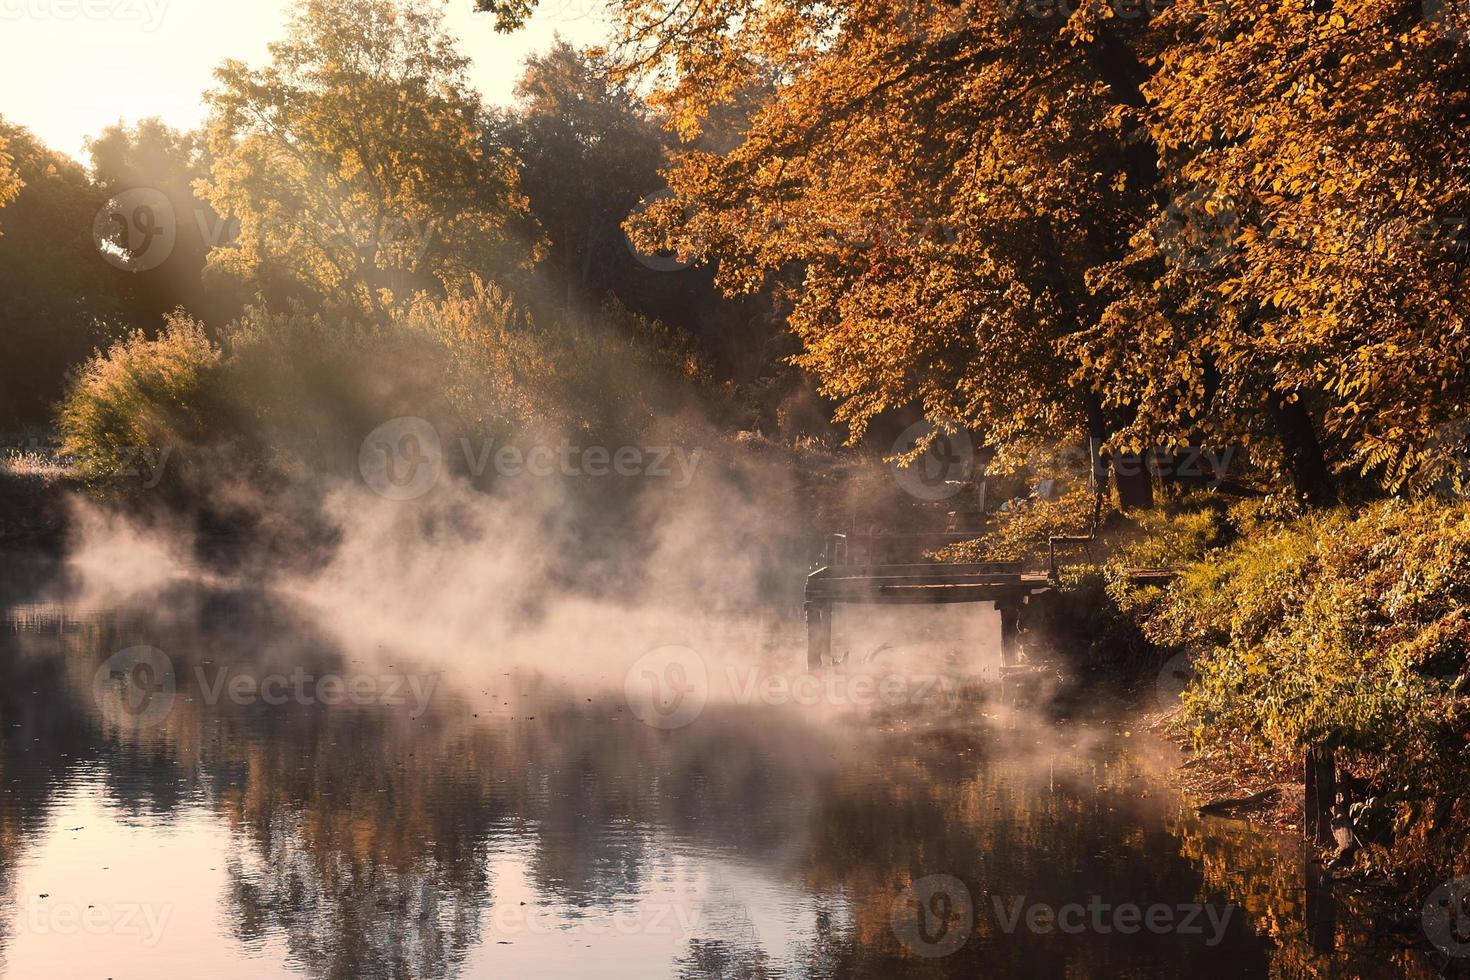 lago de manhã outono foto